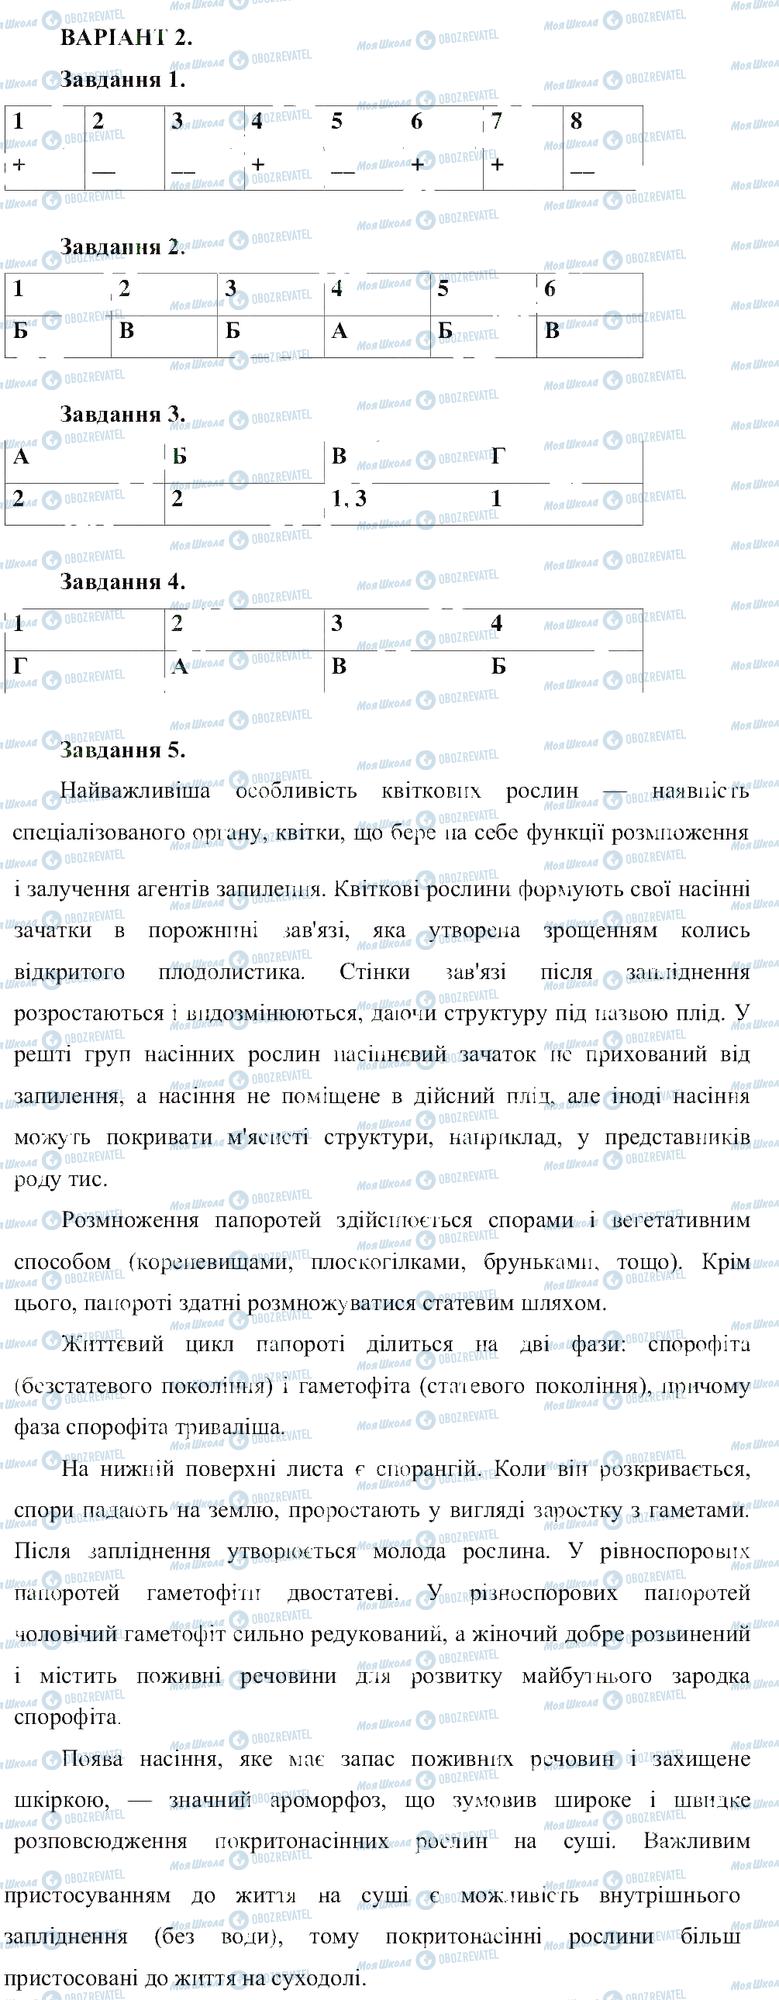 ГДЗ Біологія 6 клас сторінка B2